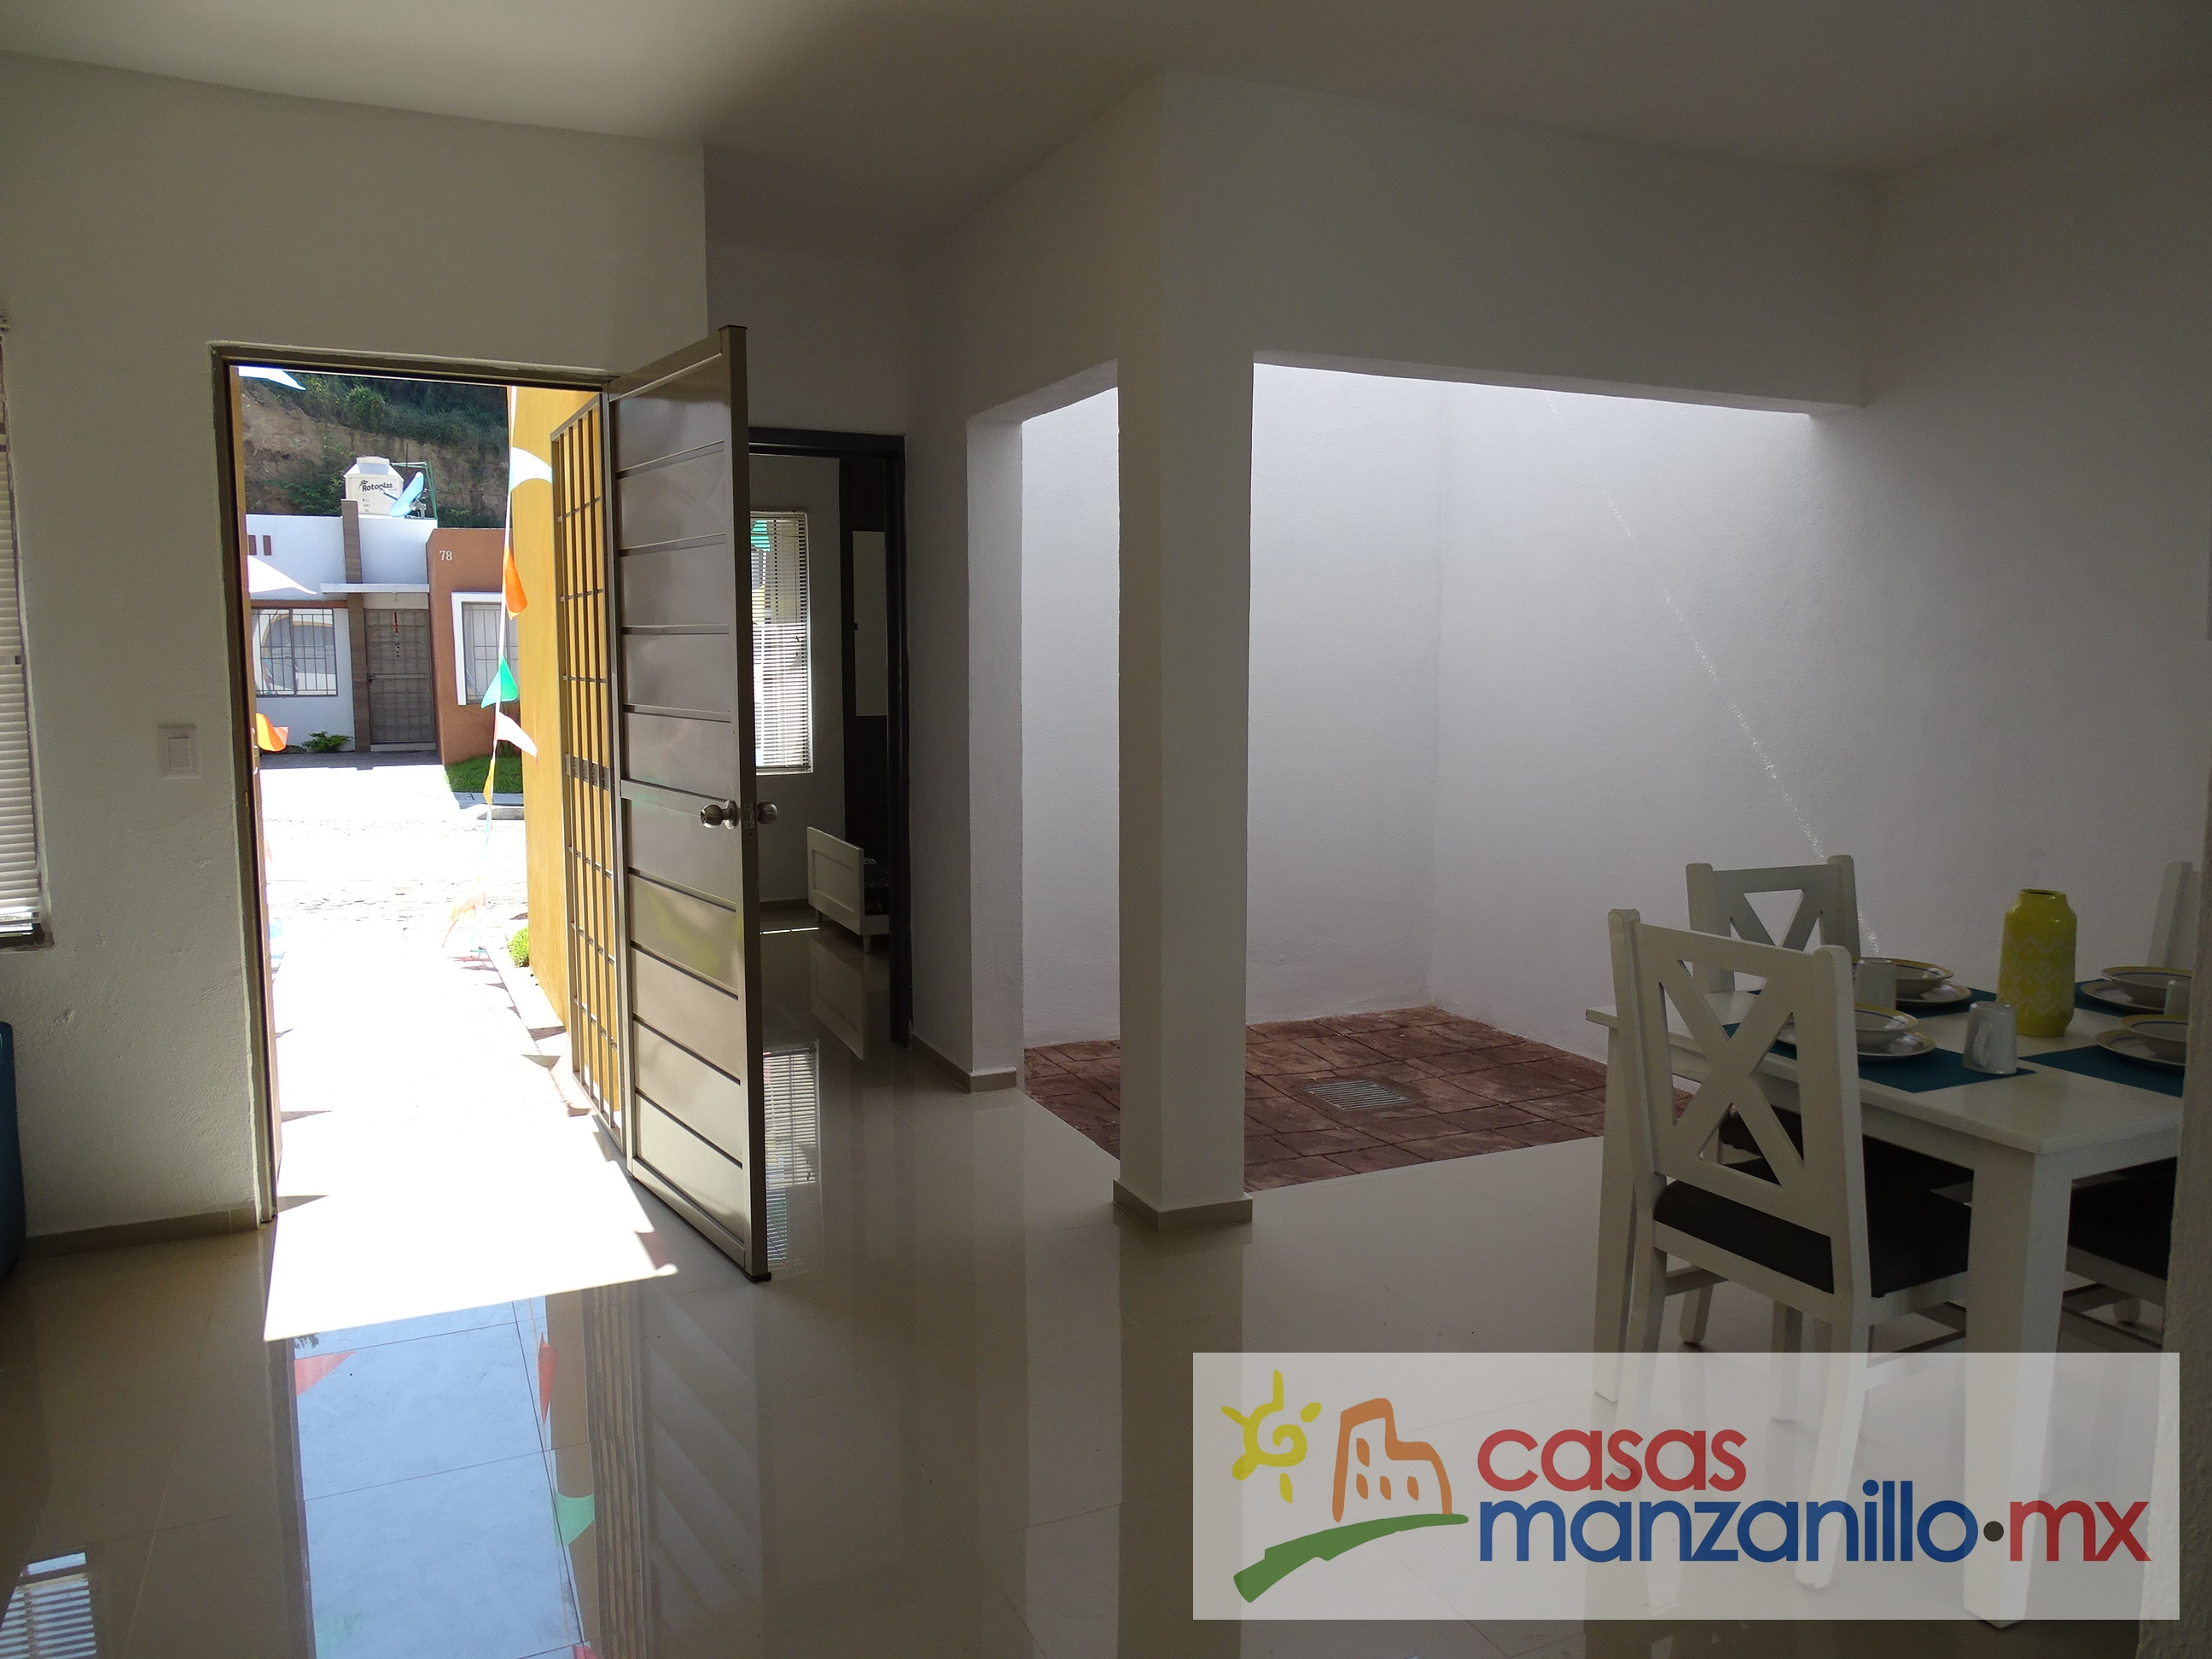 Casas Venta Manzanillo - Los Altos (19).